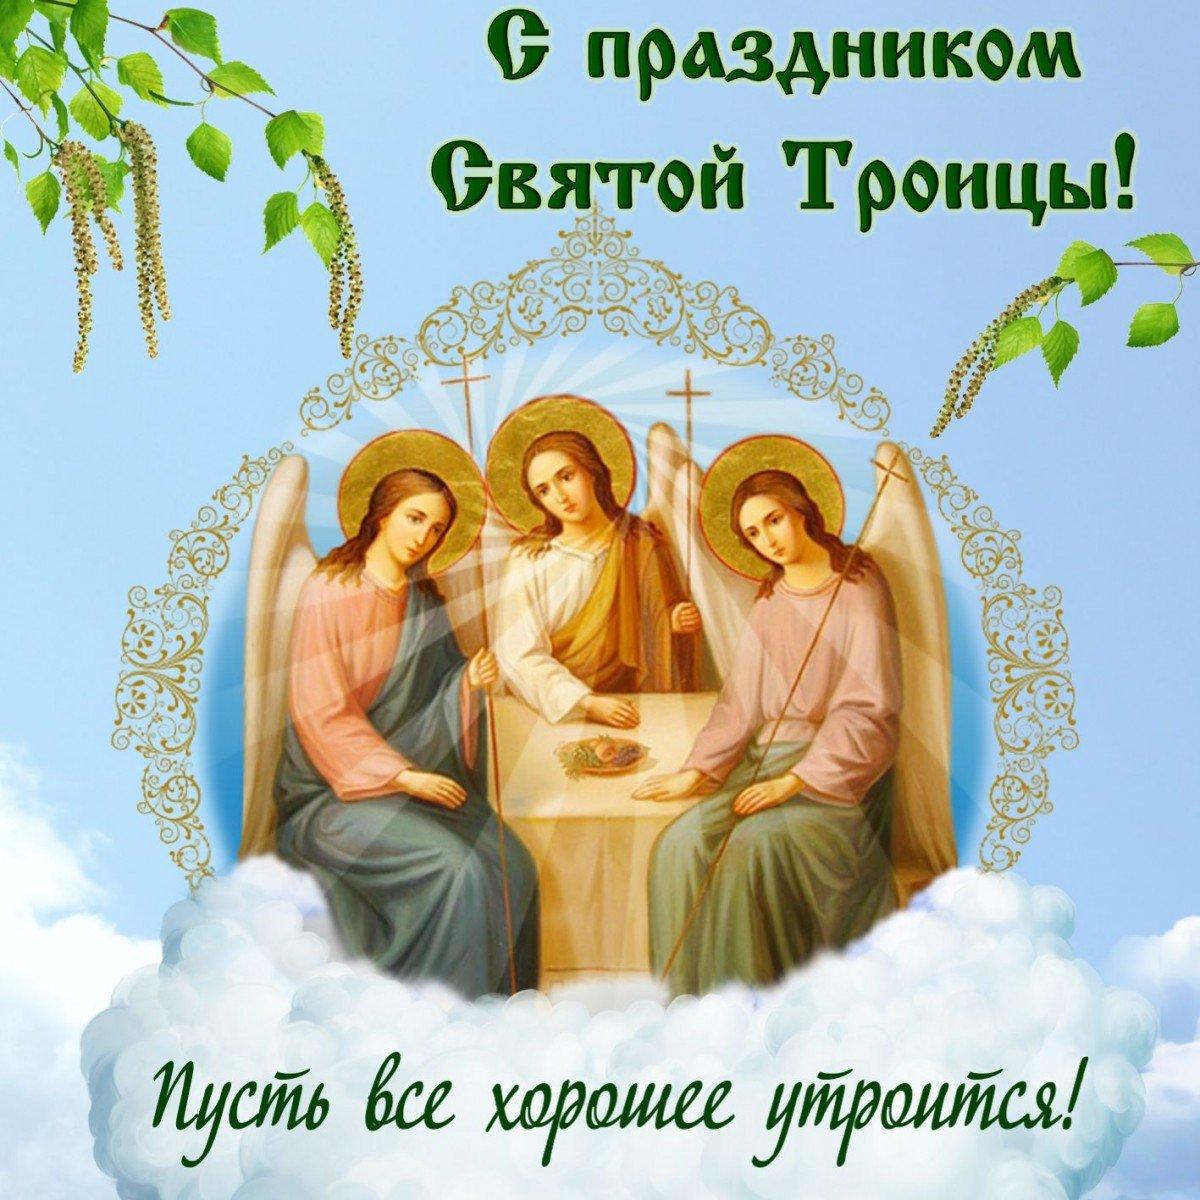 Поздравления с Святой Троицей (зелеными праздниками) открытка